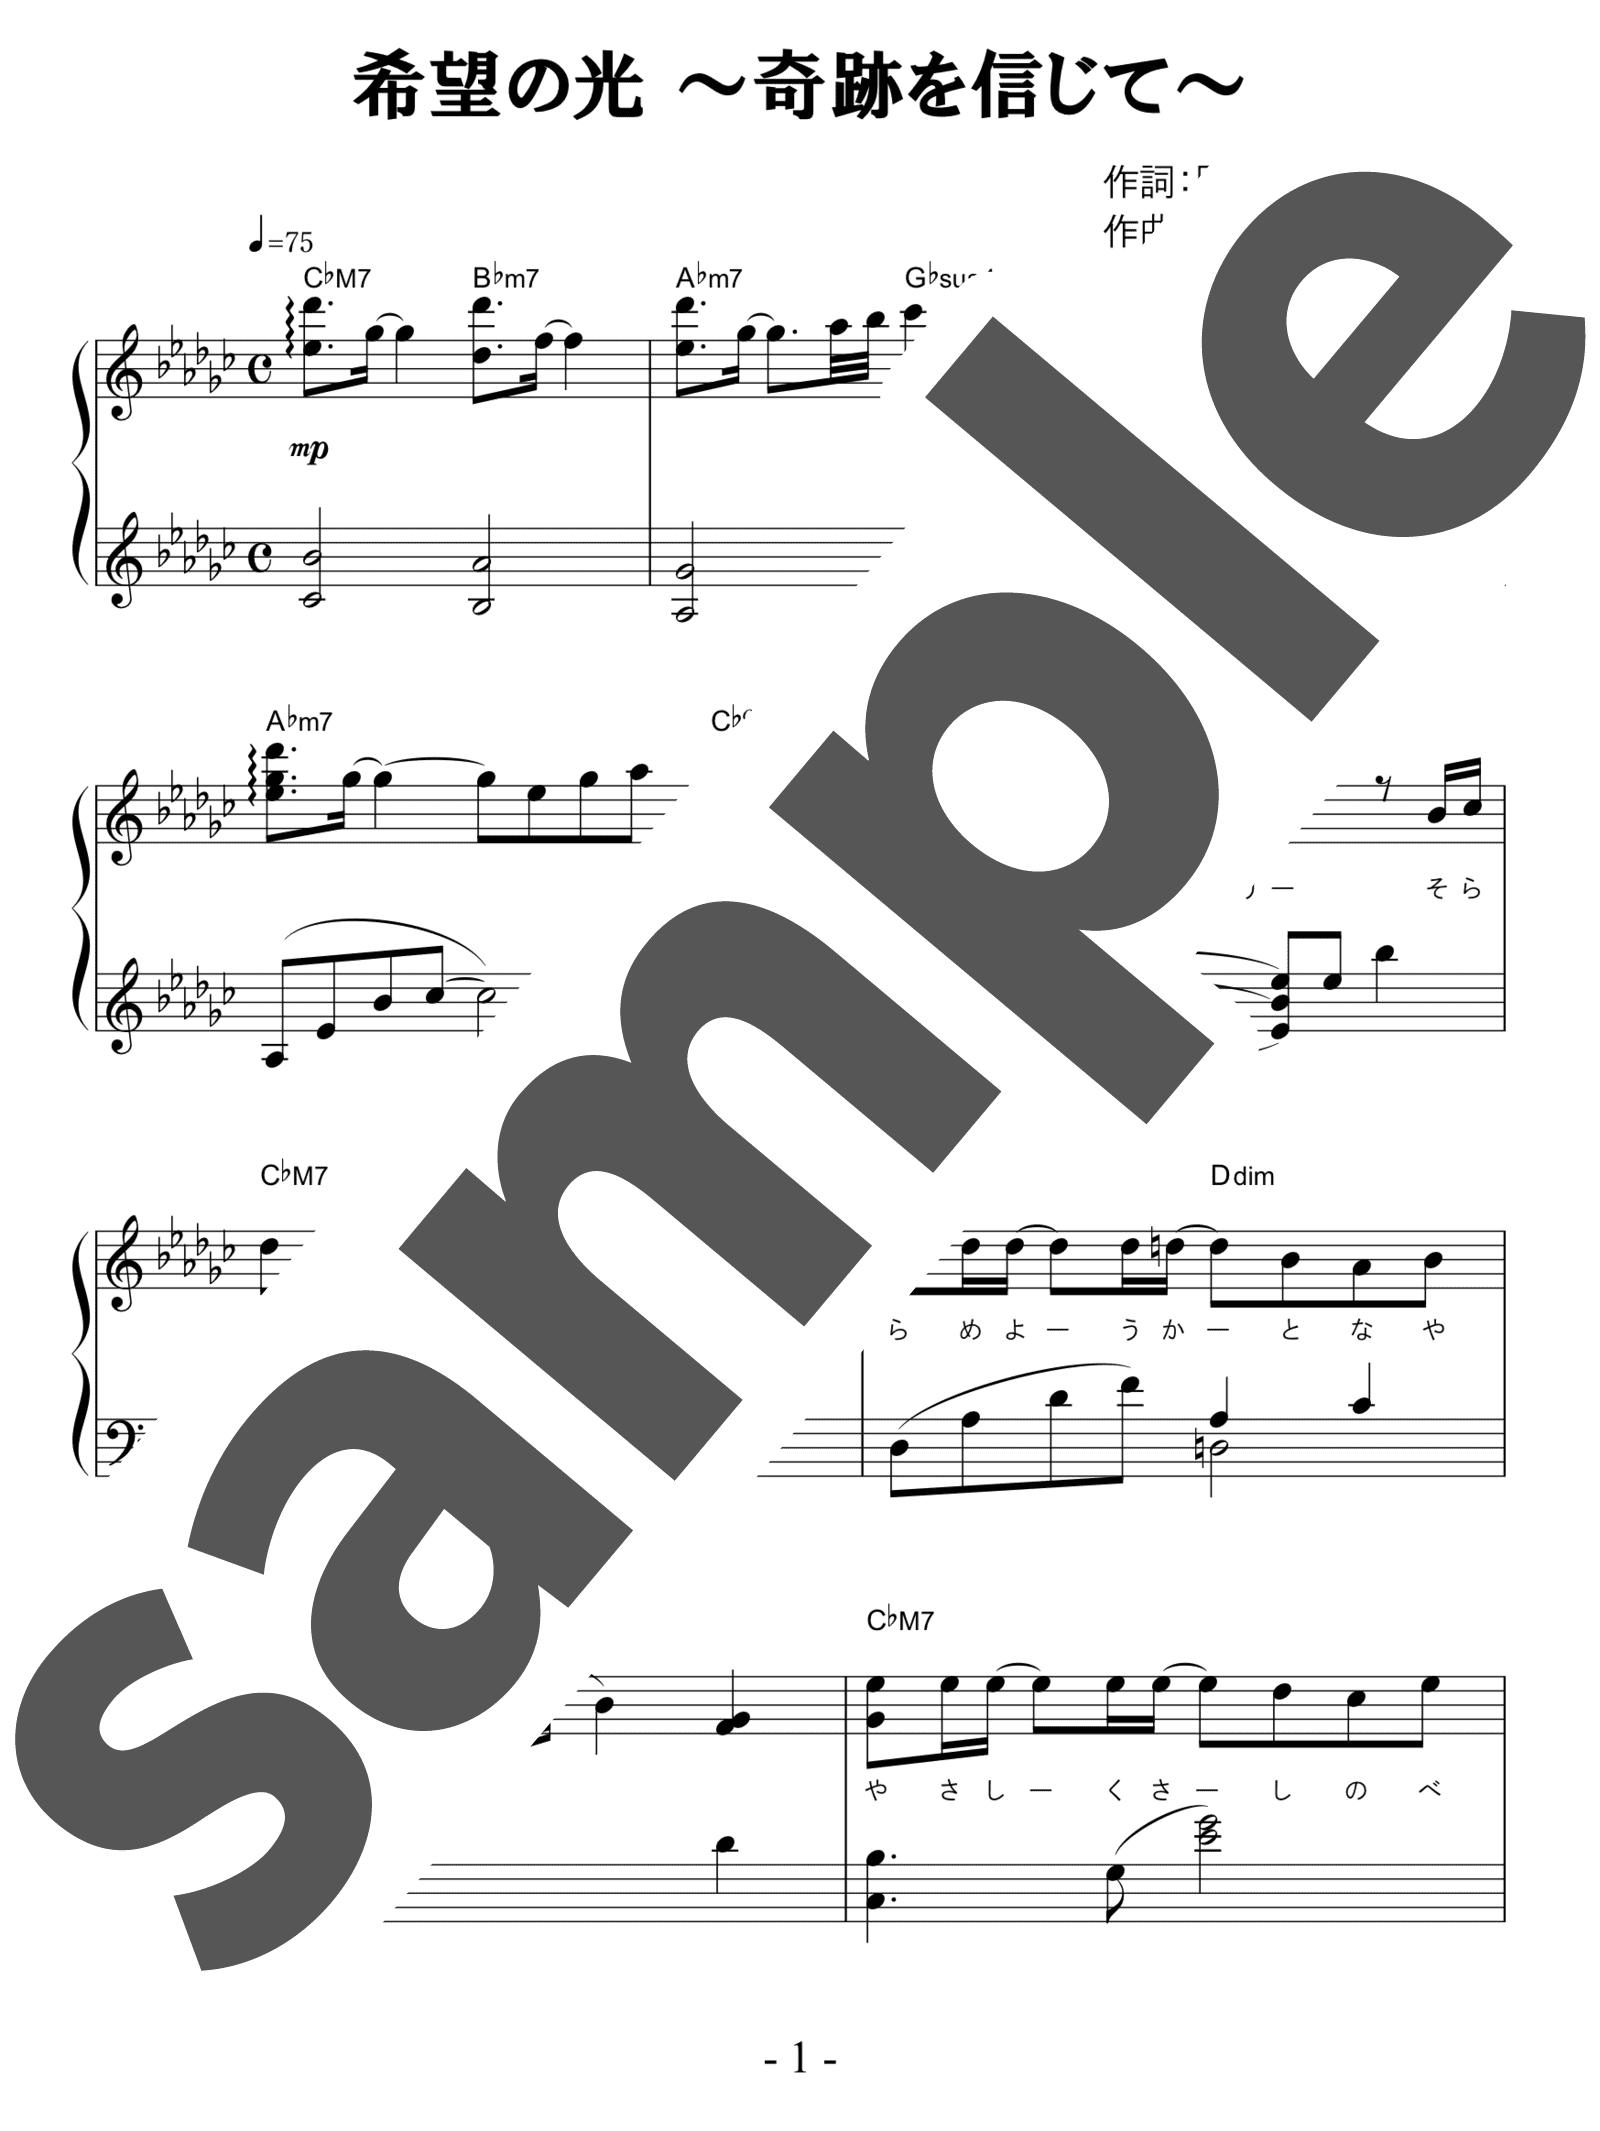 「希望の光 ~奇跡を信じて~」のサンプル楽譜